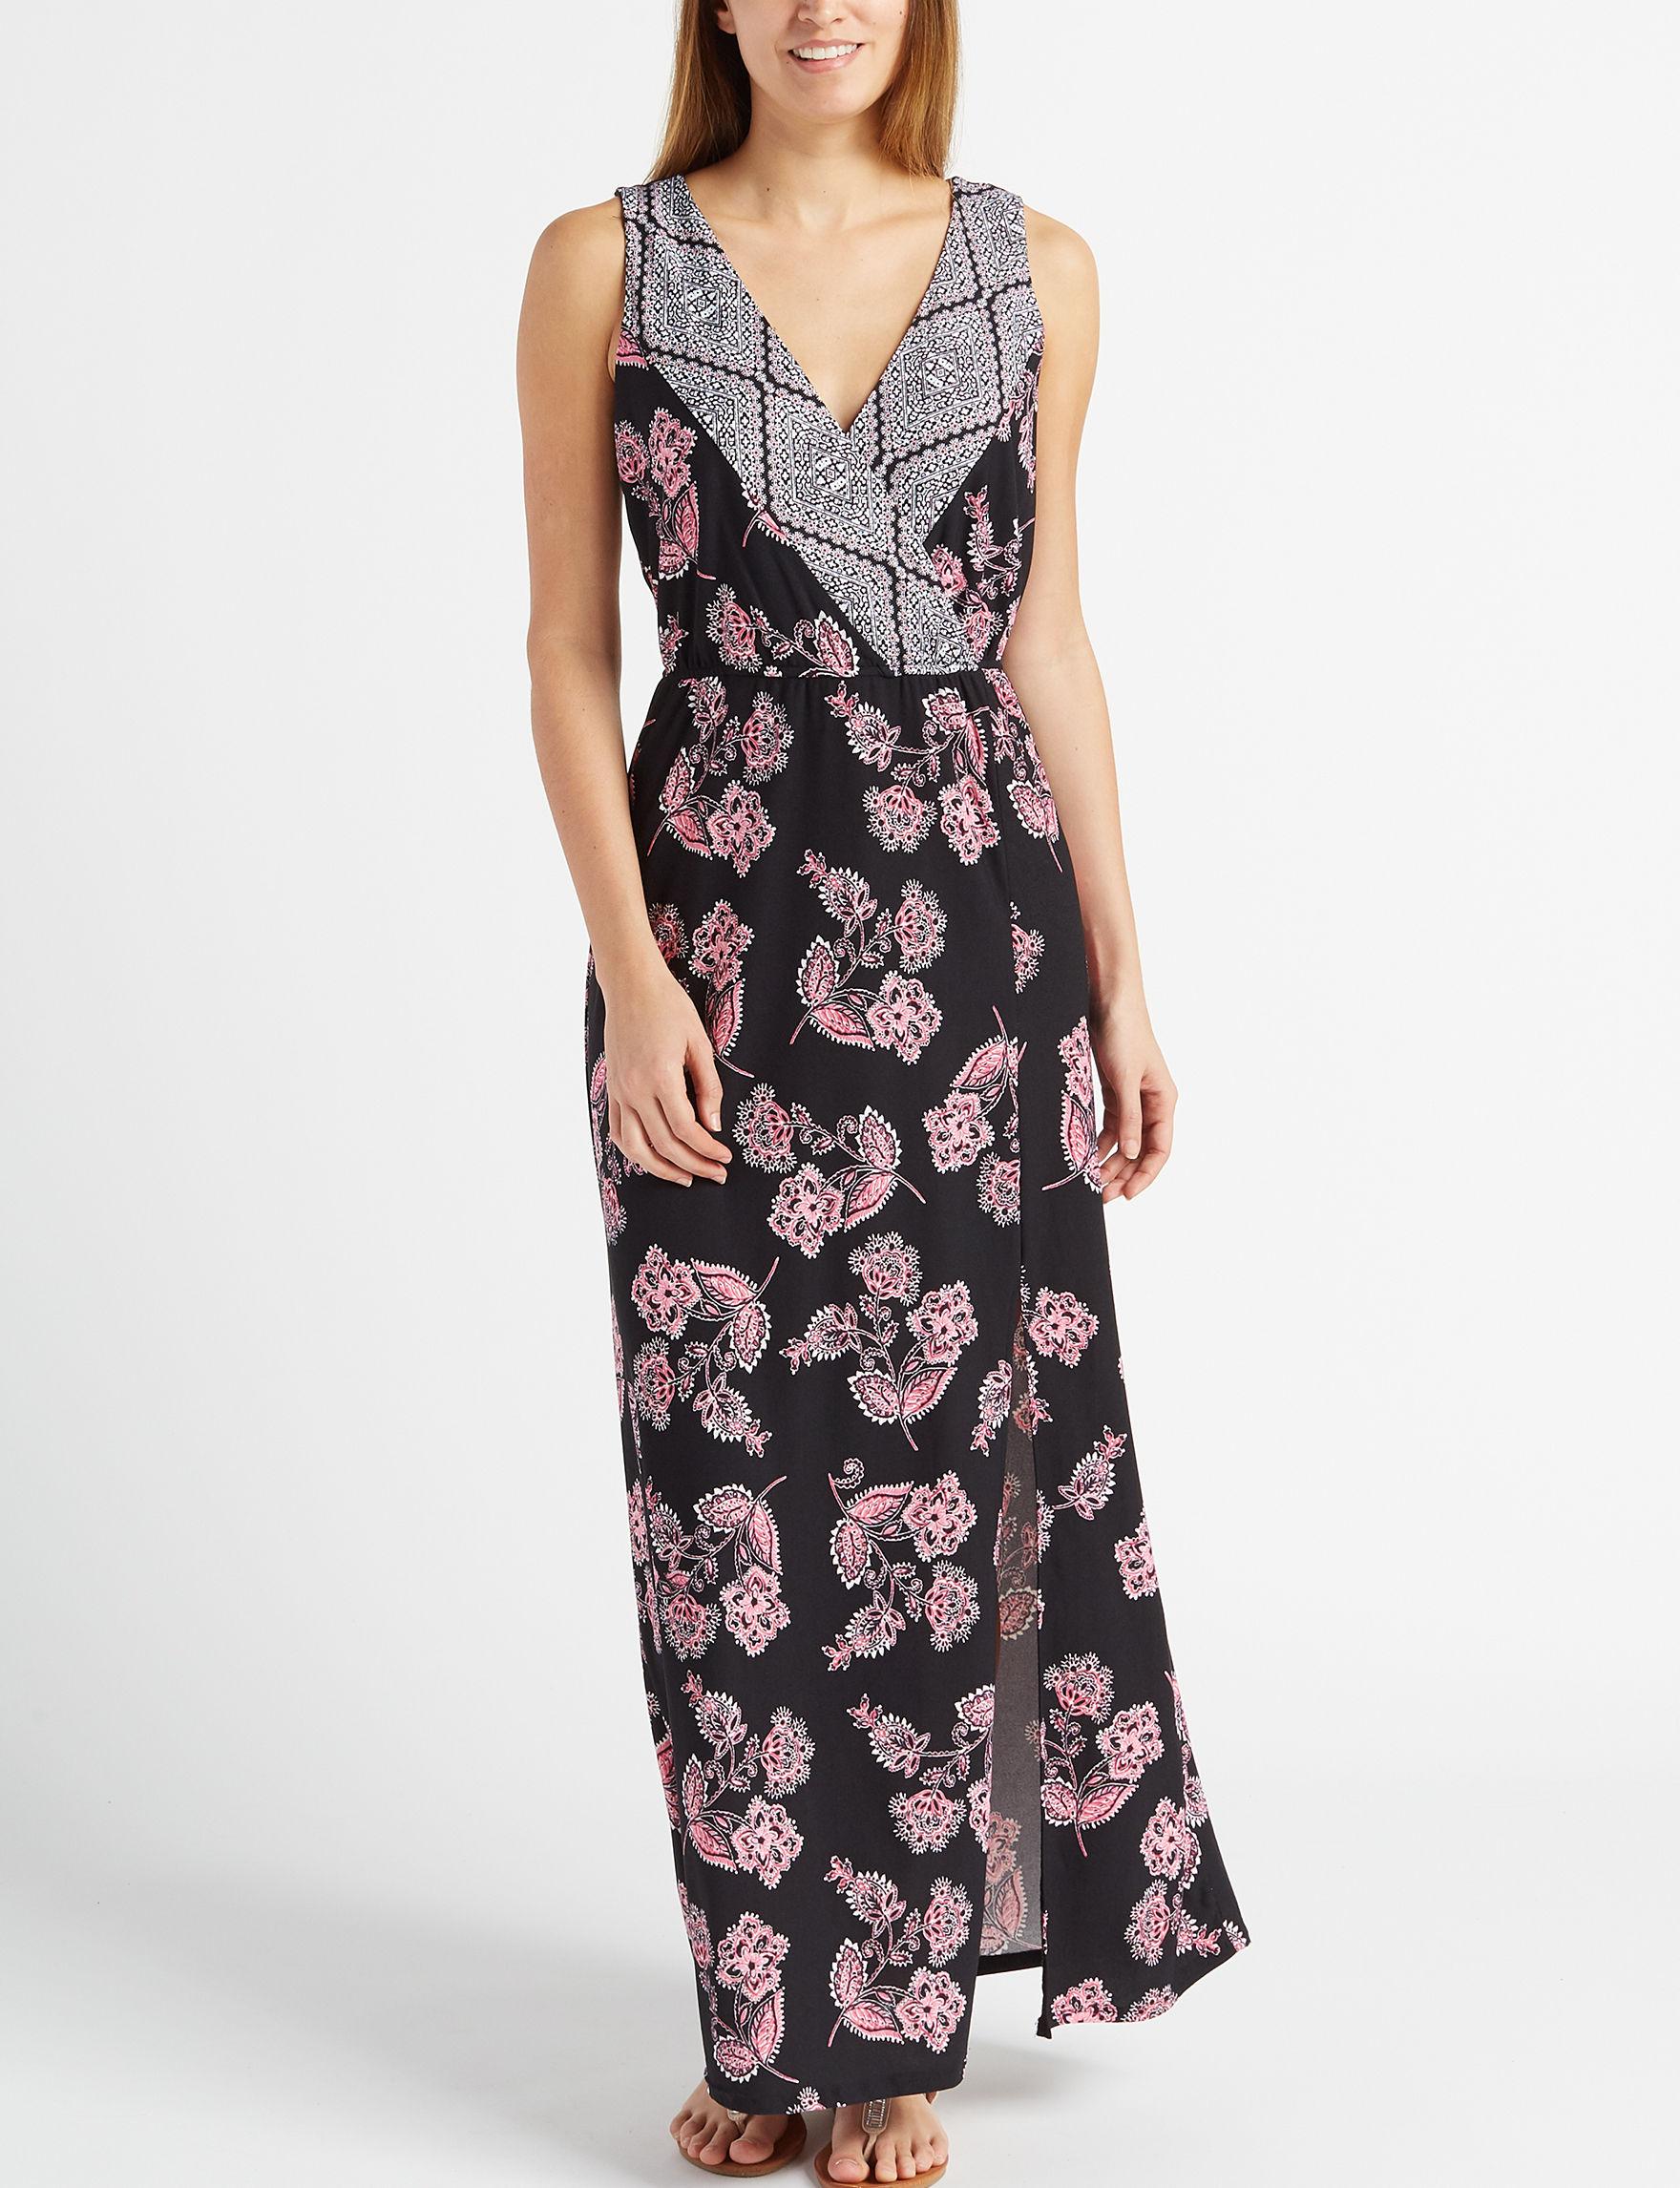 01ec6d36b24 Trixxi Juniors  Floral Maxi Dress. WEB ID   576113. product